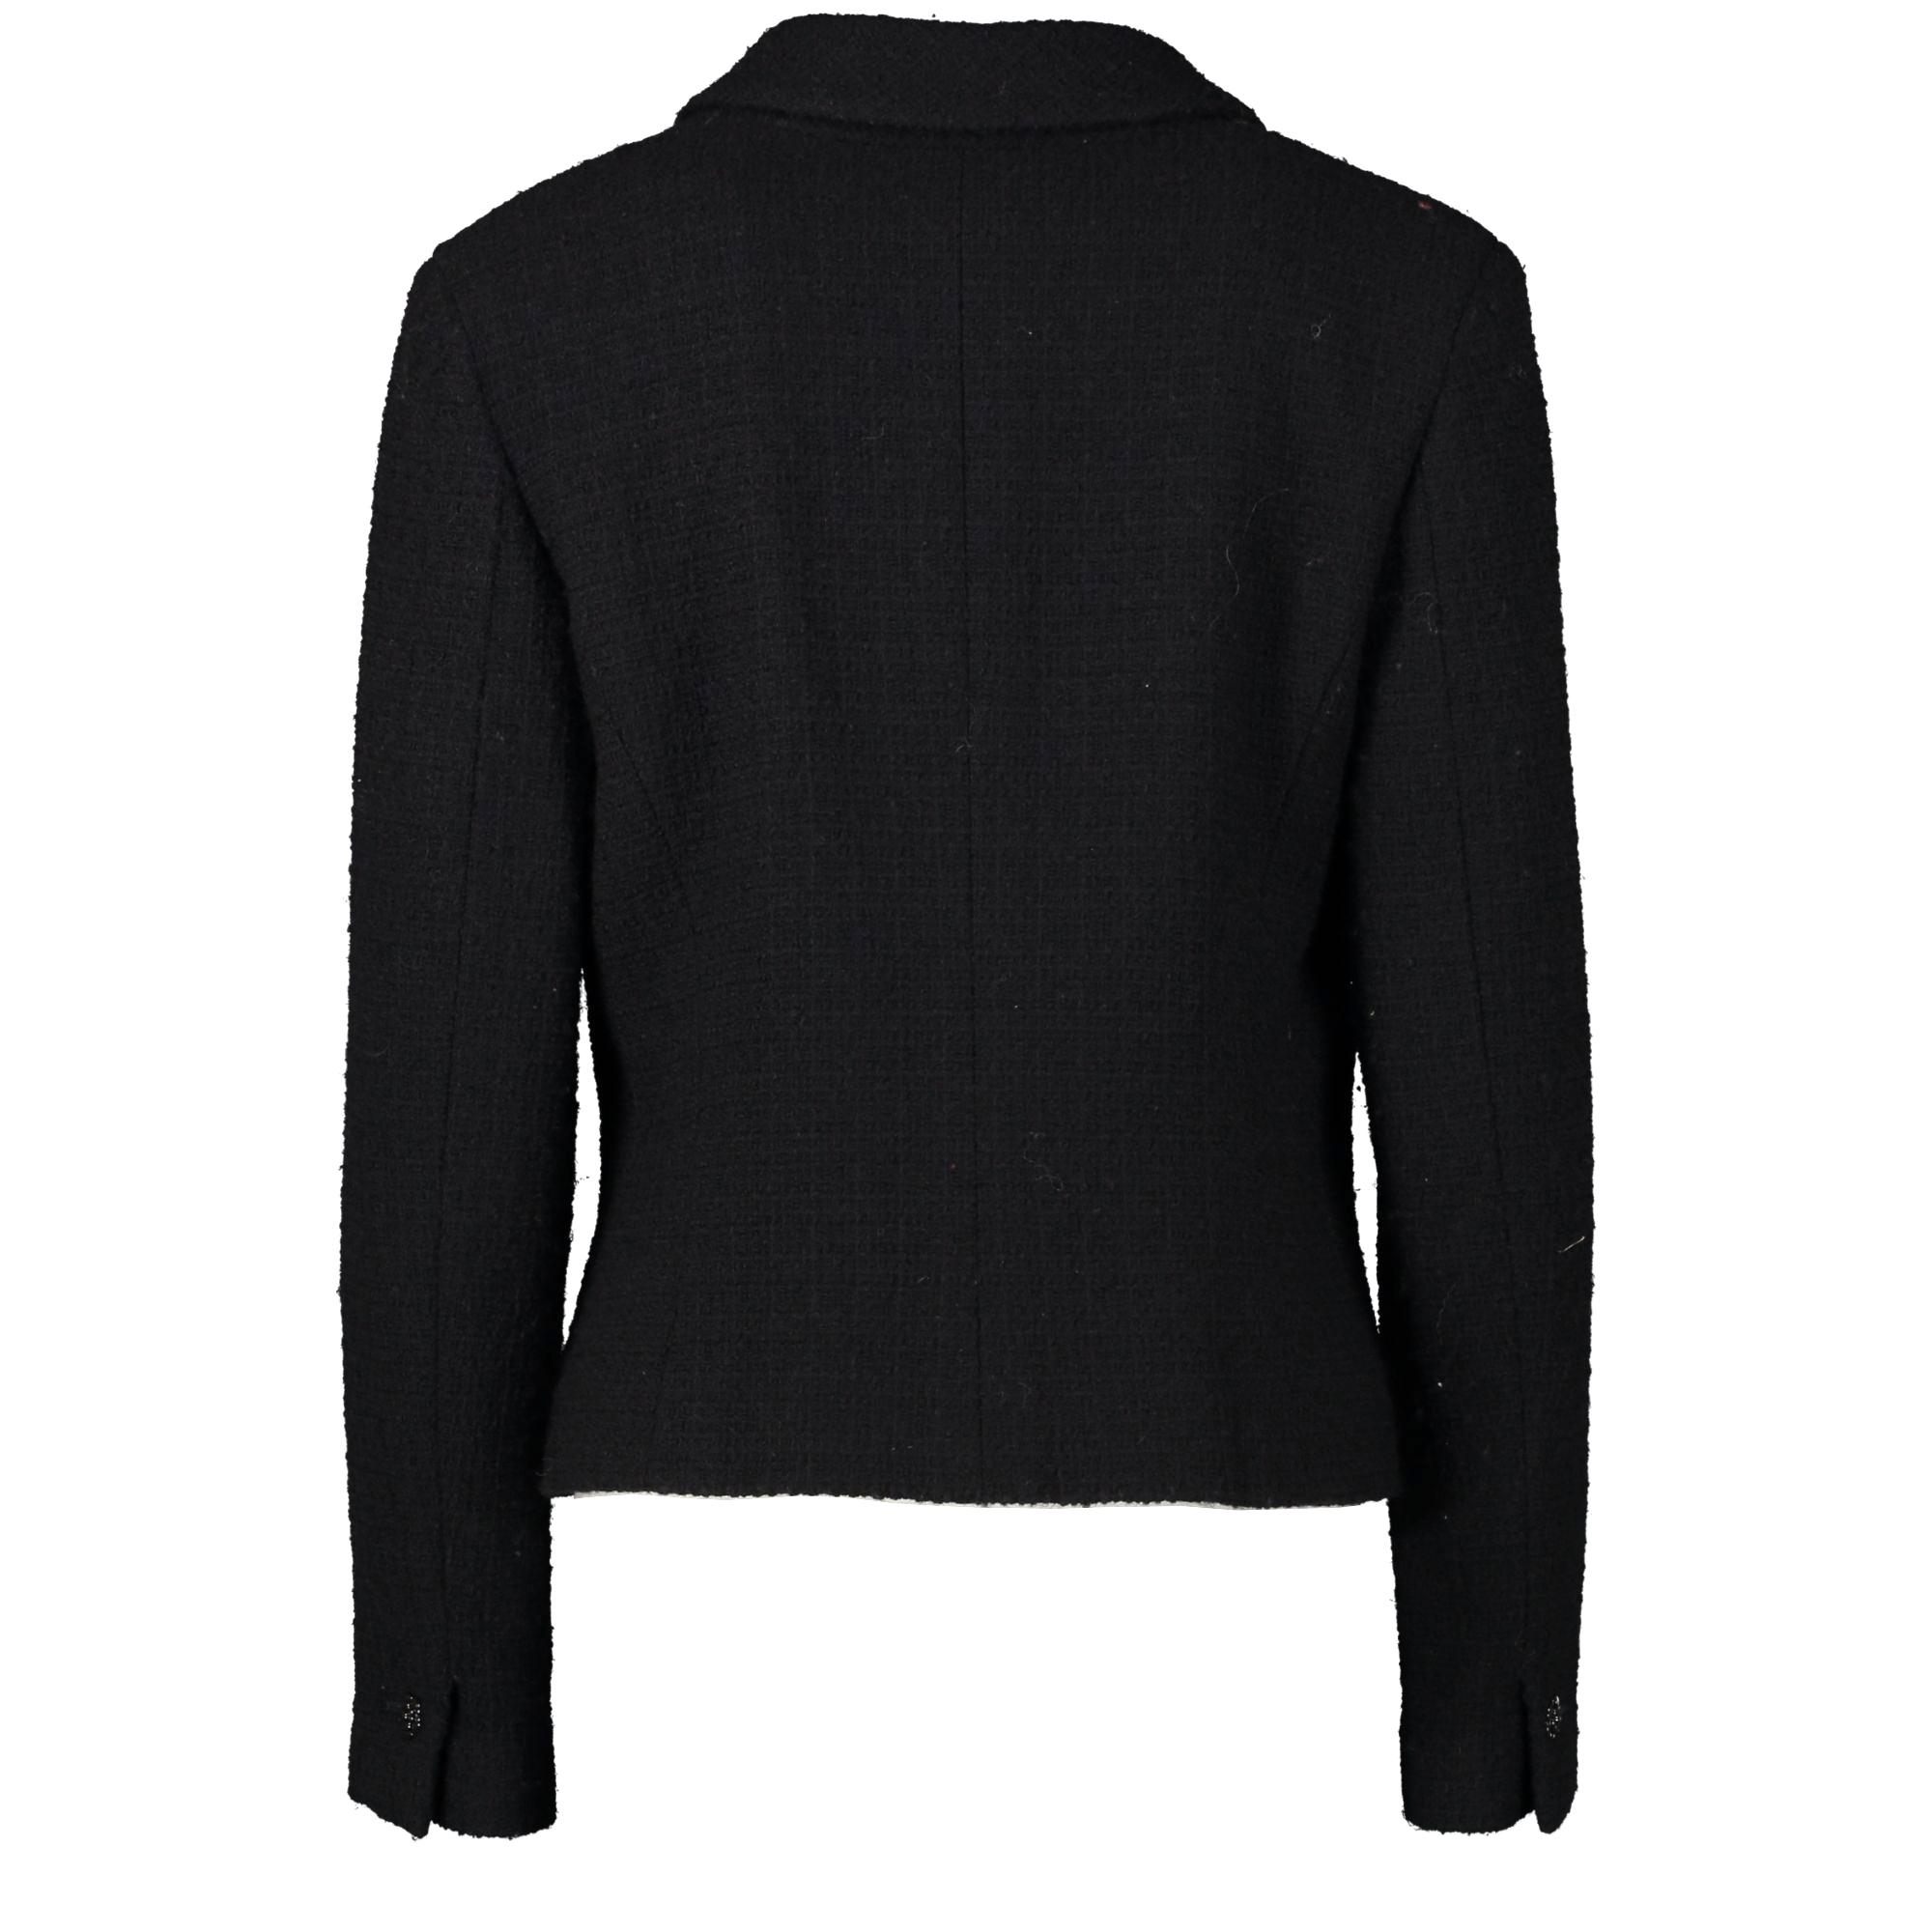 Chanel Black Classic Tweed Jacket te koop bij Labellov tweedehands luxe in Antwerpen